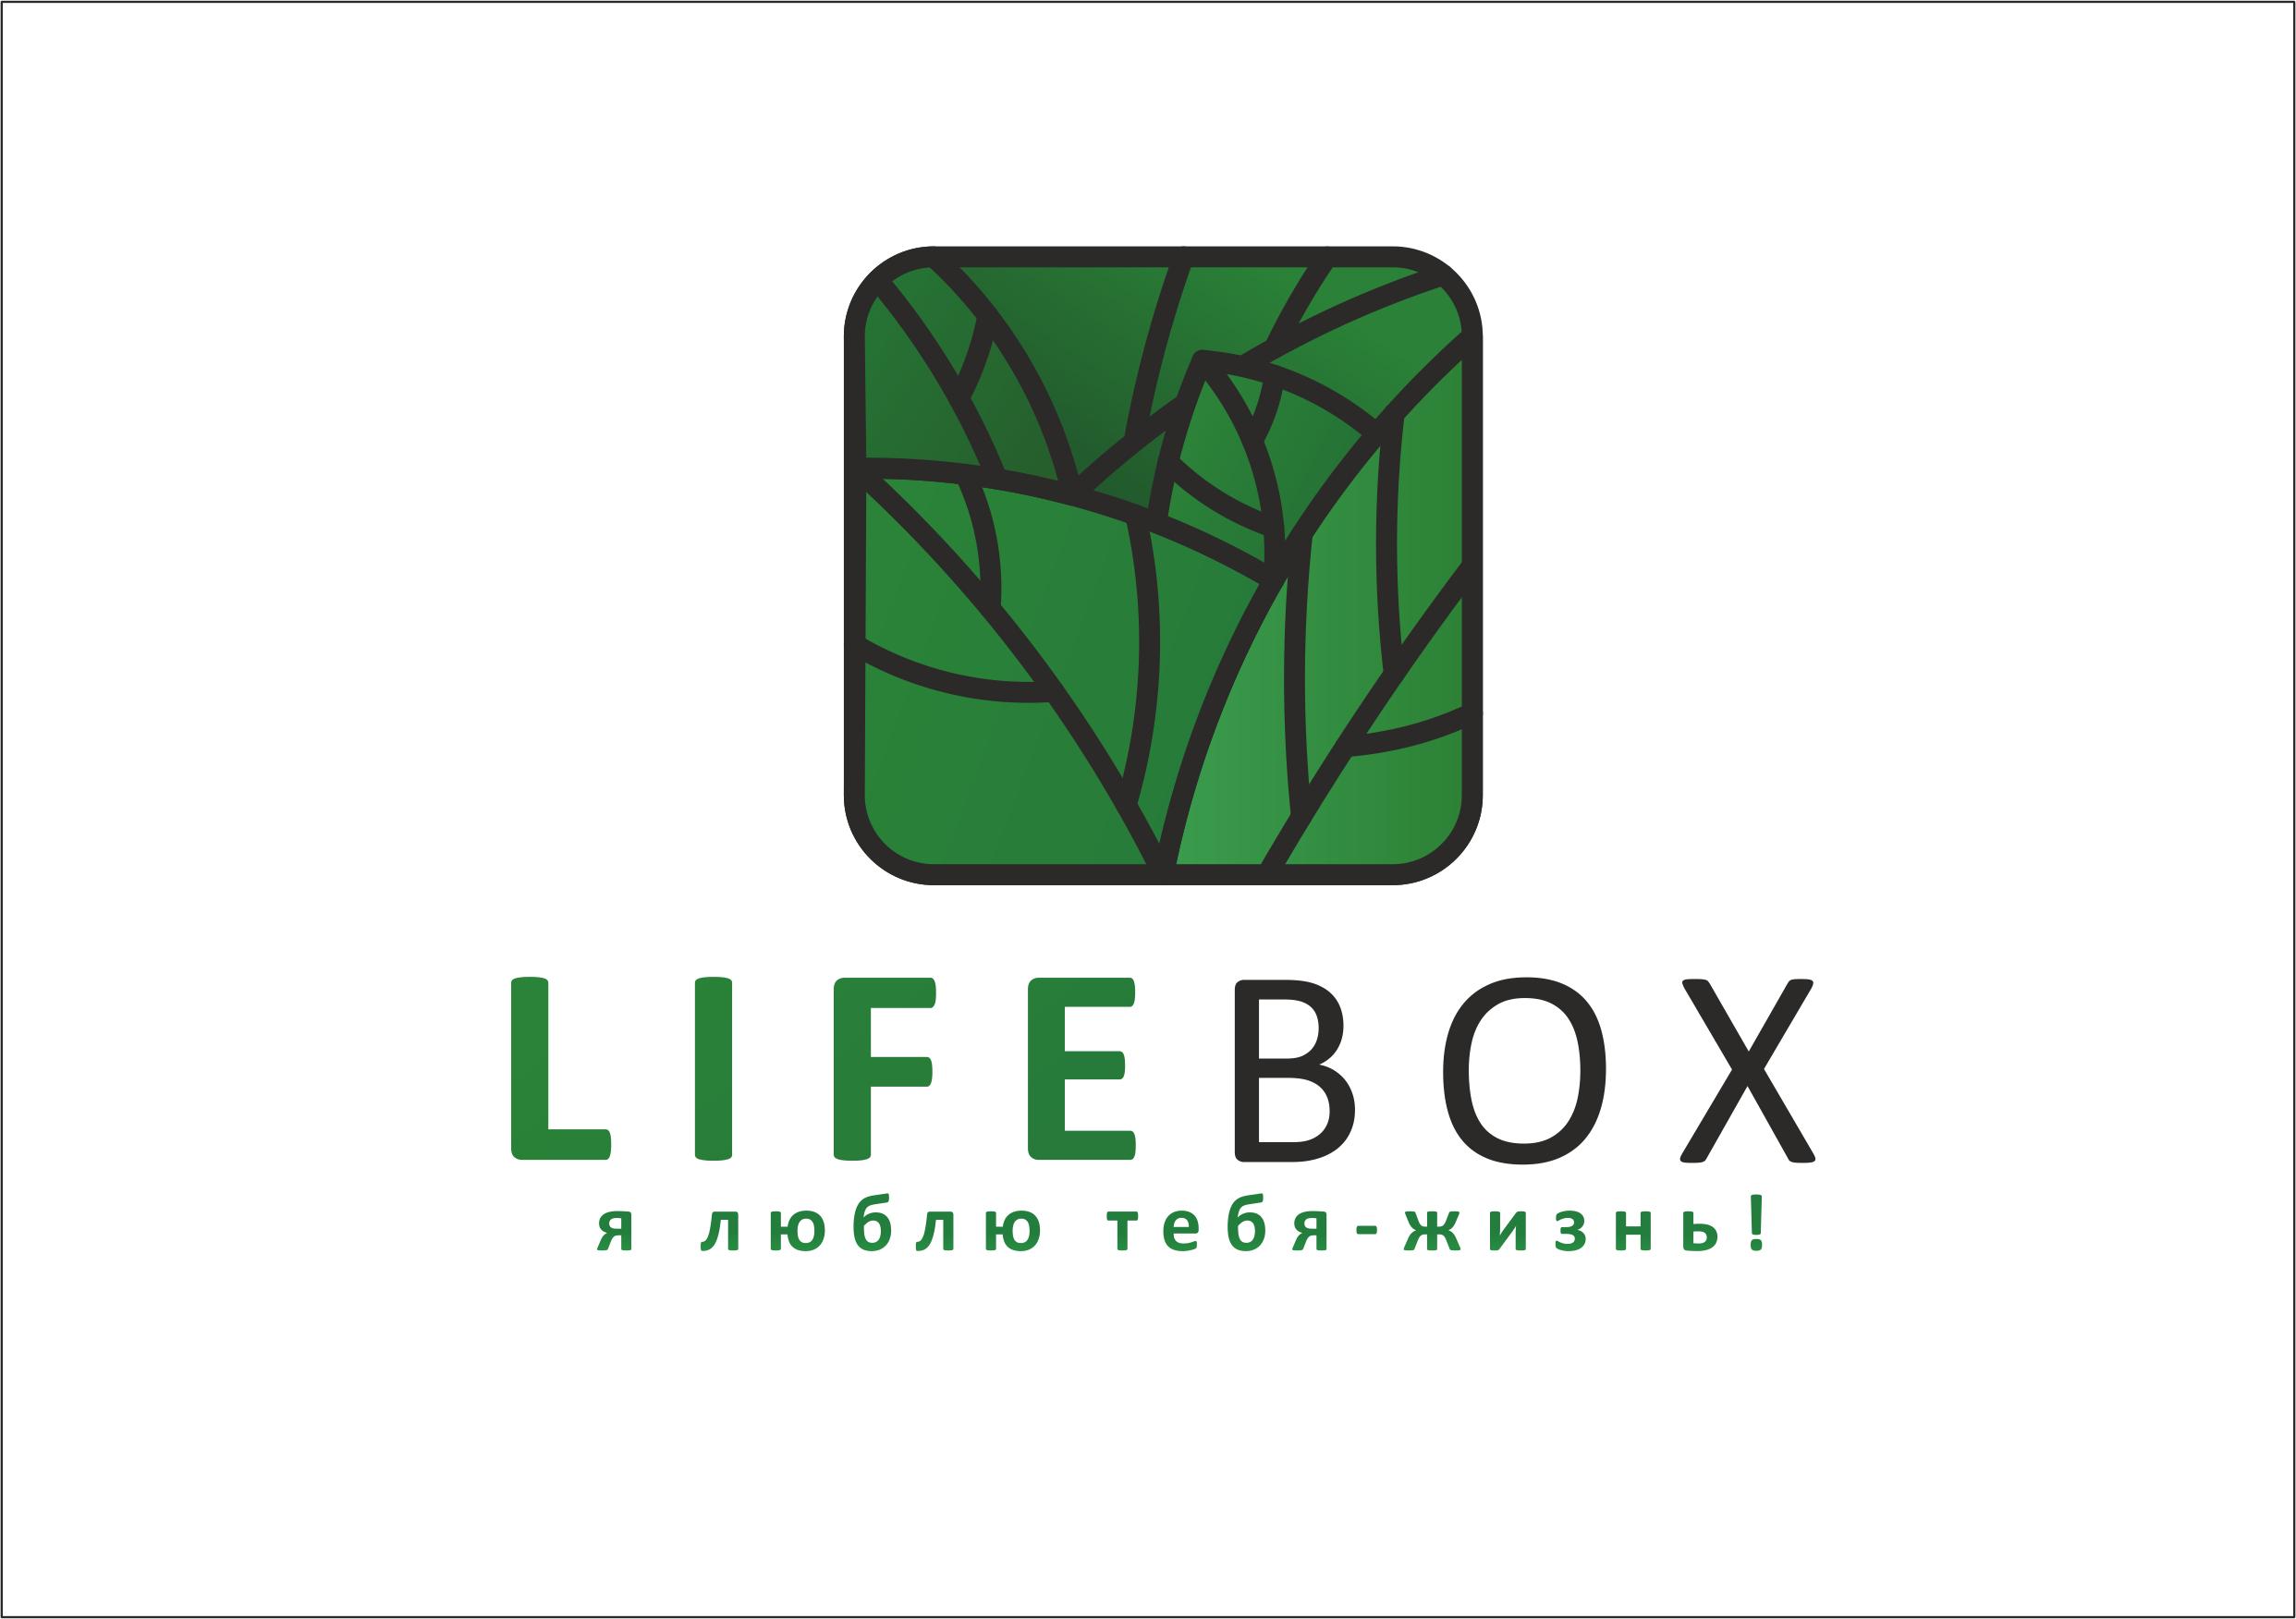 Разработка Логотипа. Победитель получит расширеный заказ  фото f_2205c4e047002e69.png